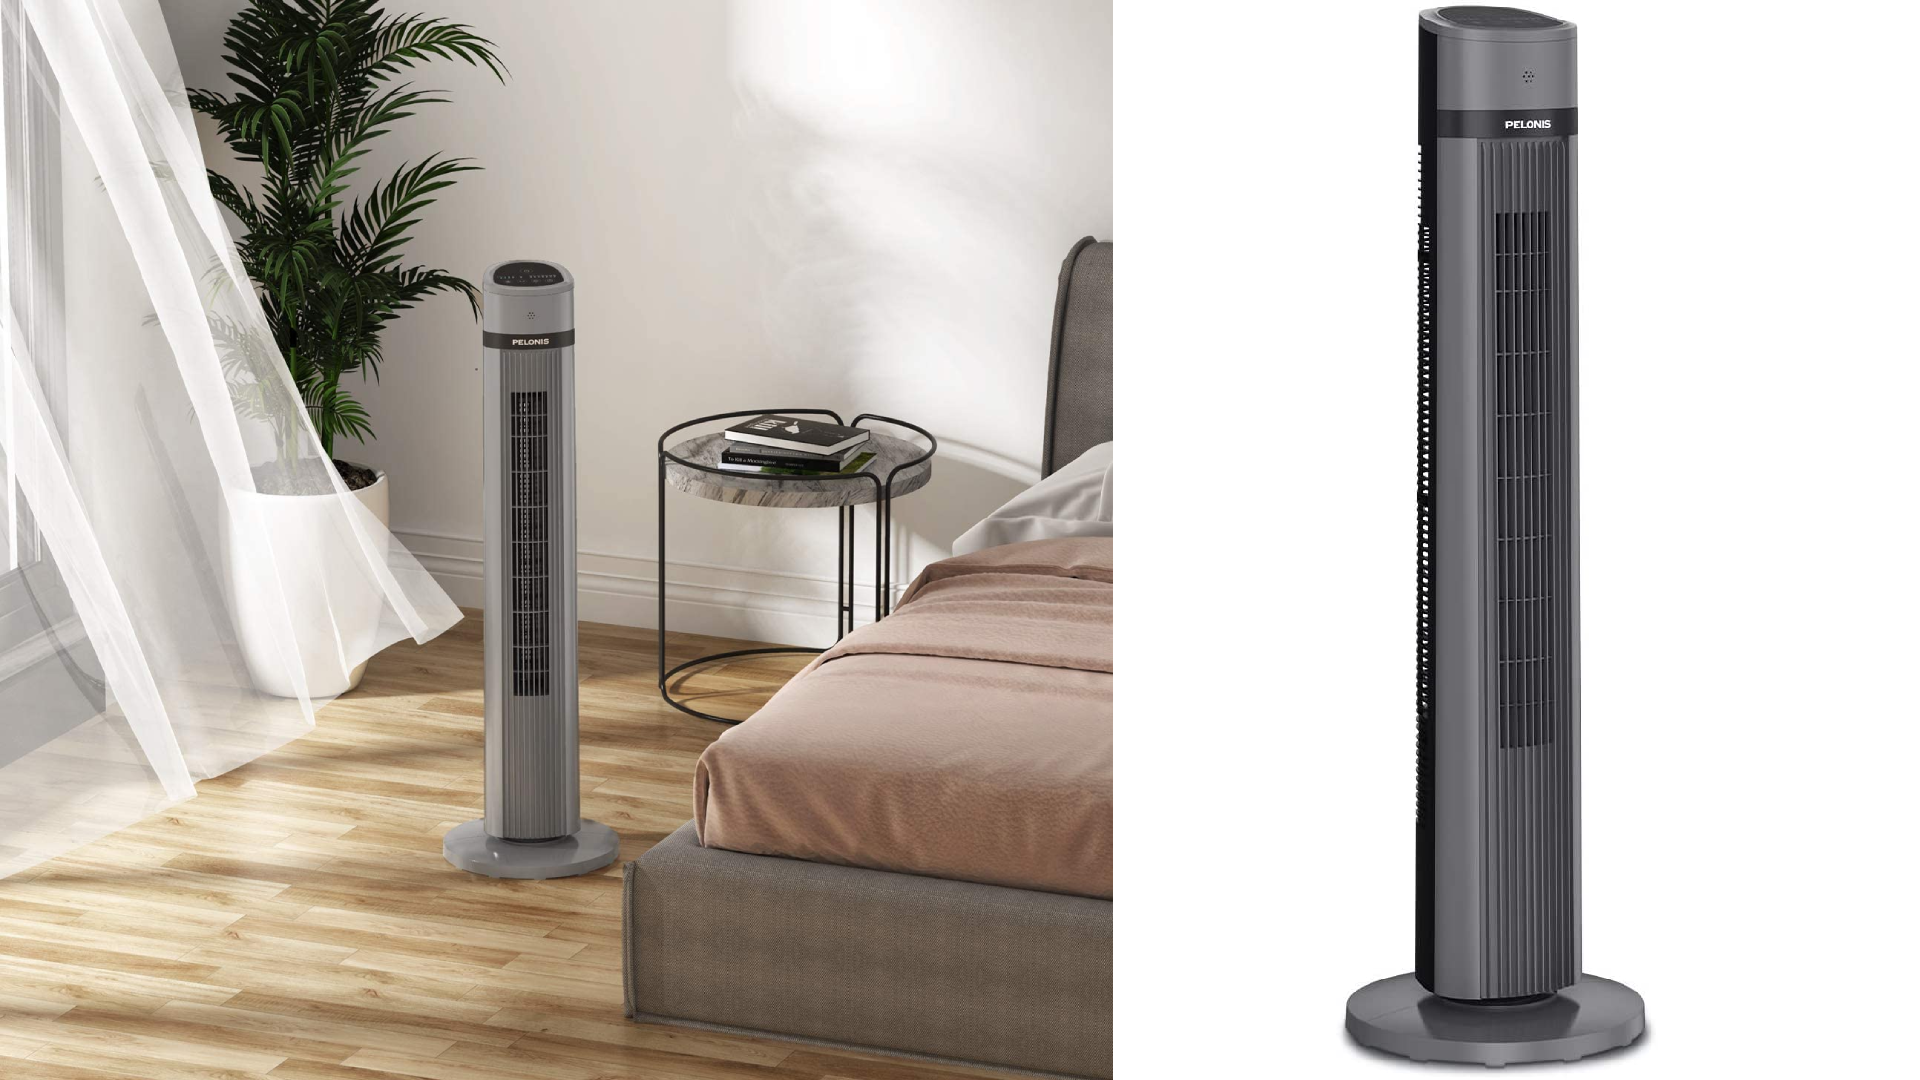 tower fan in bedroom by a bed